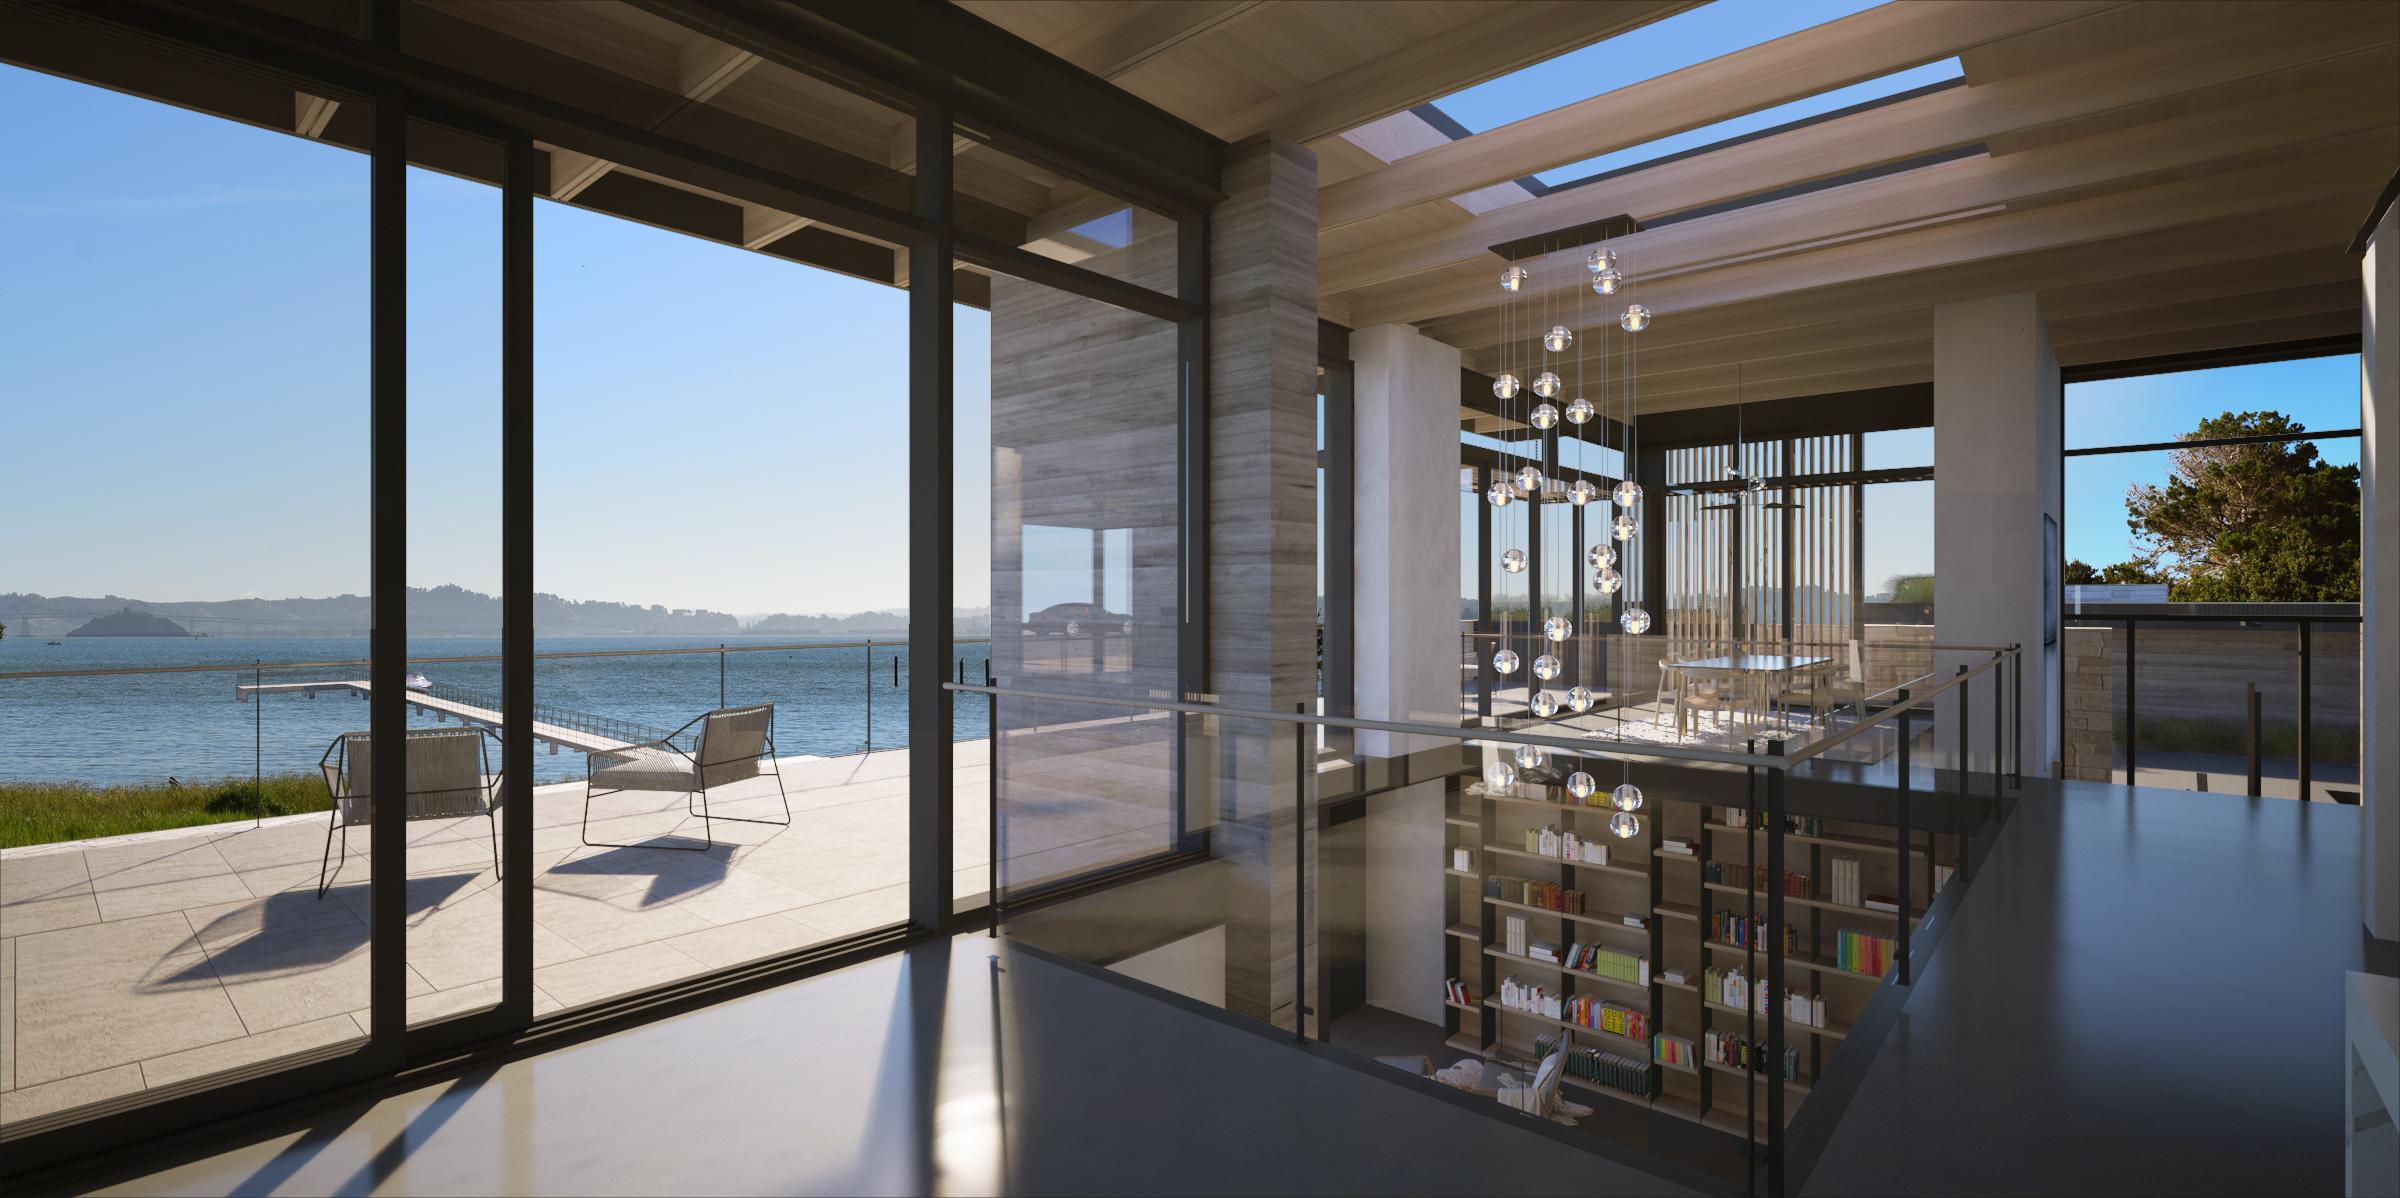 beachlot_interior view3.jpg